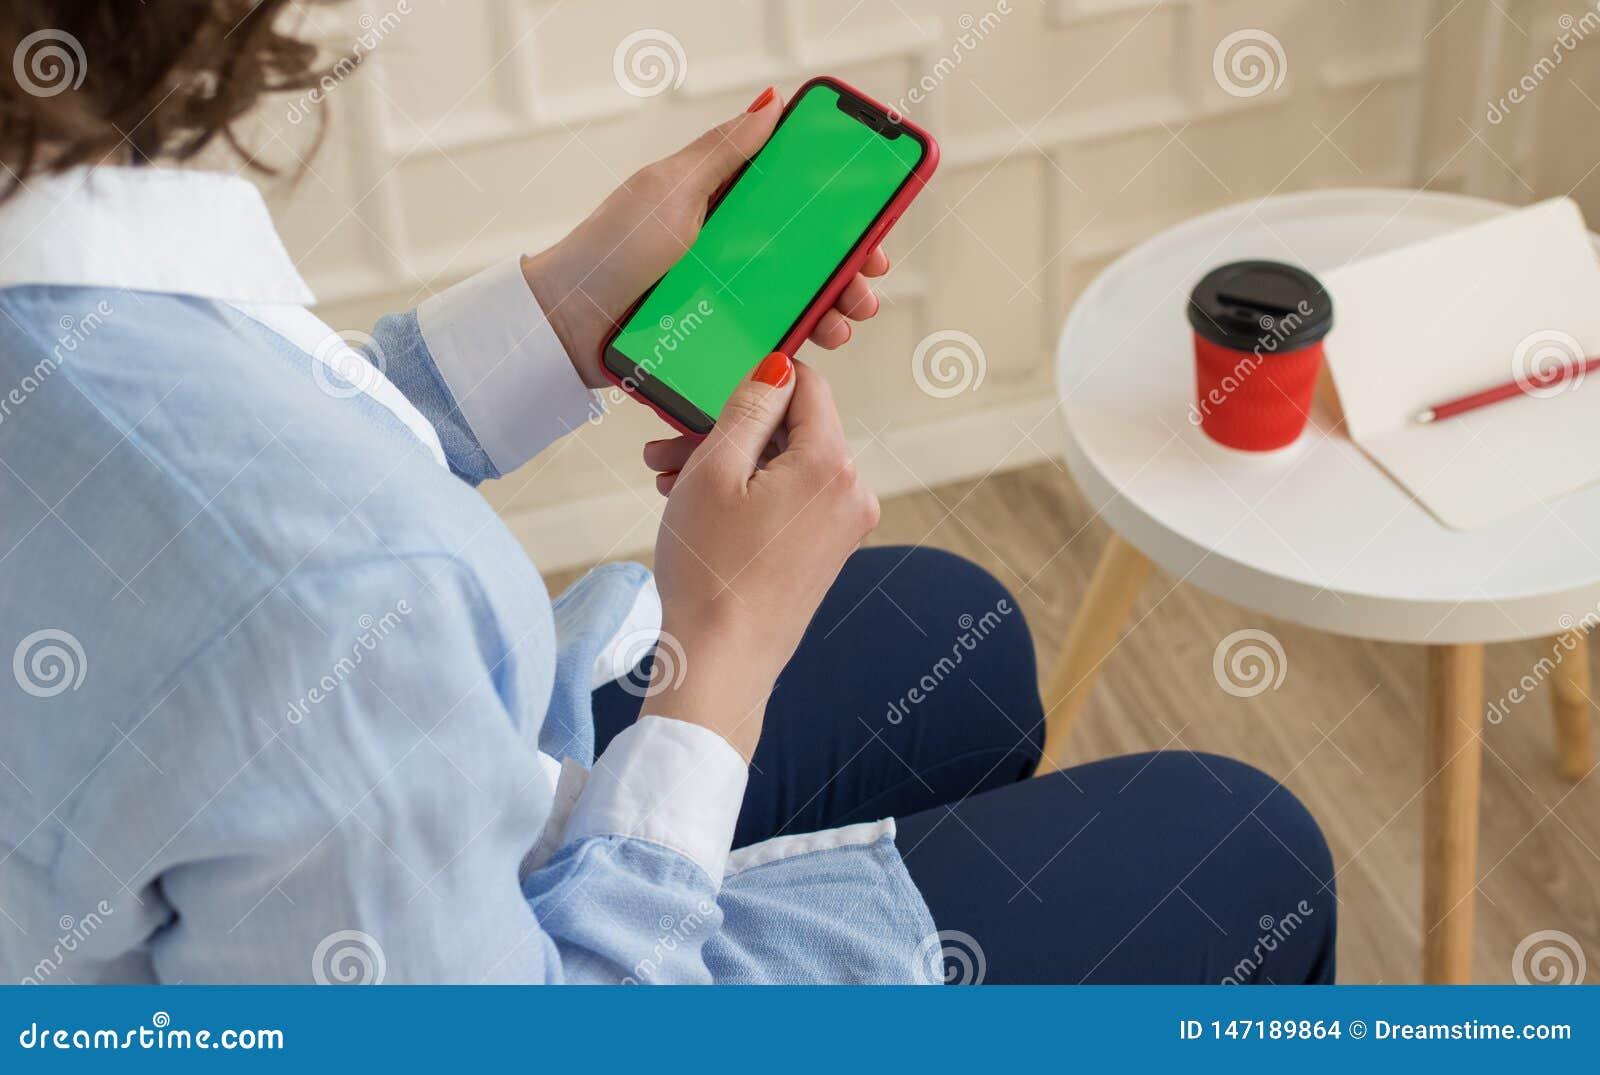 大模型图象:女孩蓝色拿着有色度关键屏幕的衬衣和长裤的黑手机